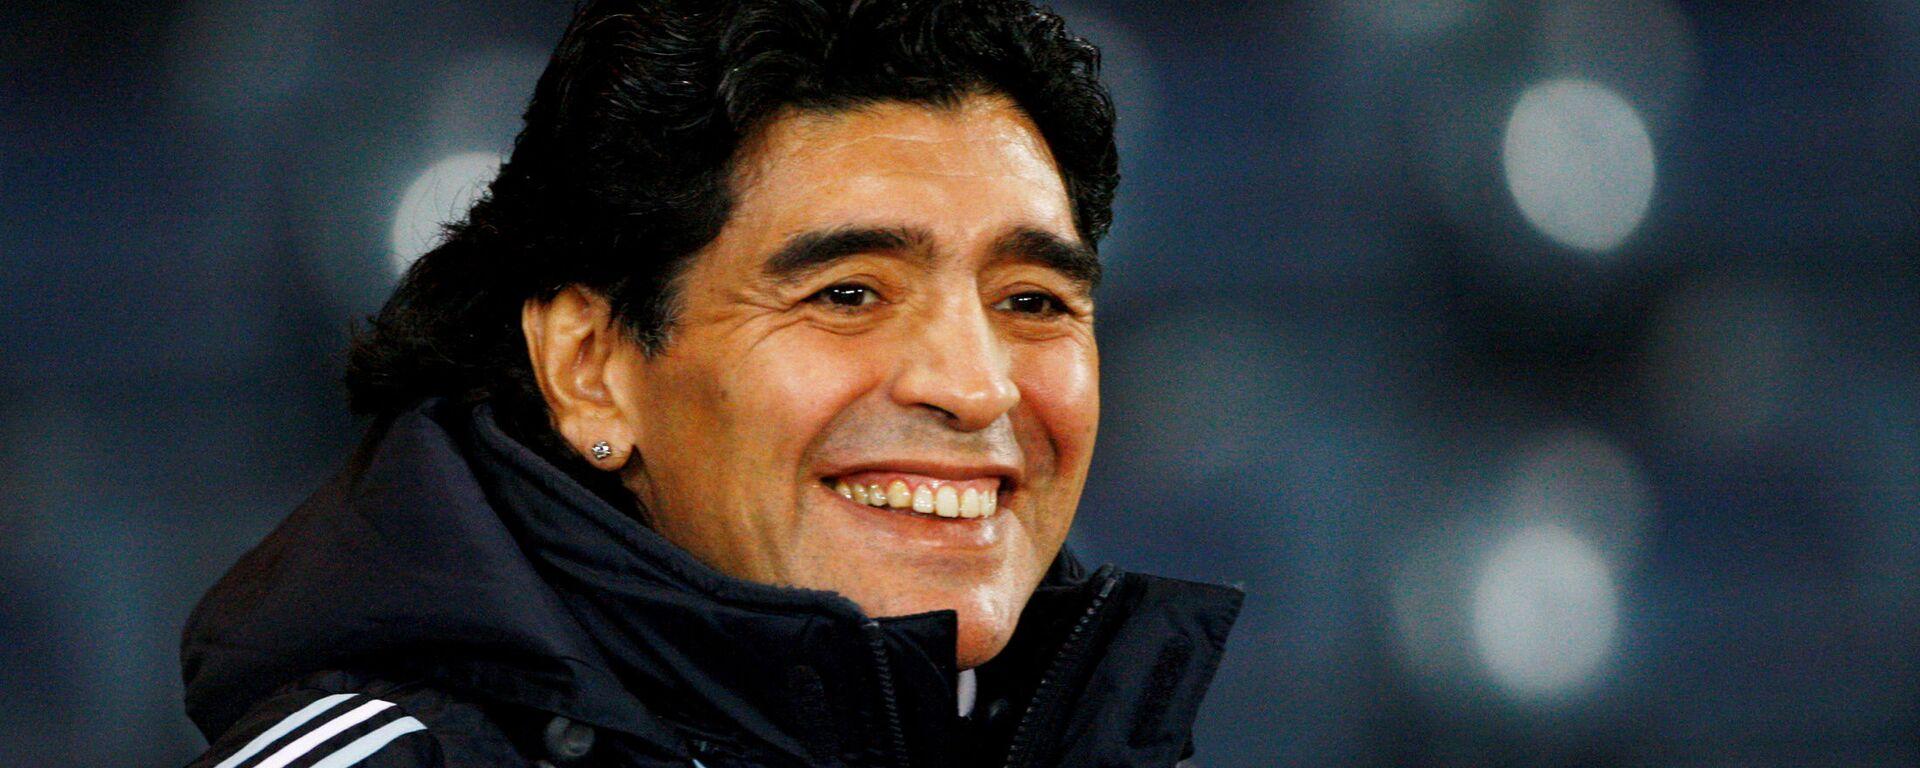 Diego Armando Maradona, exfutbolista argentino - Sputnik Mundo, 1920, 01.03.2021